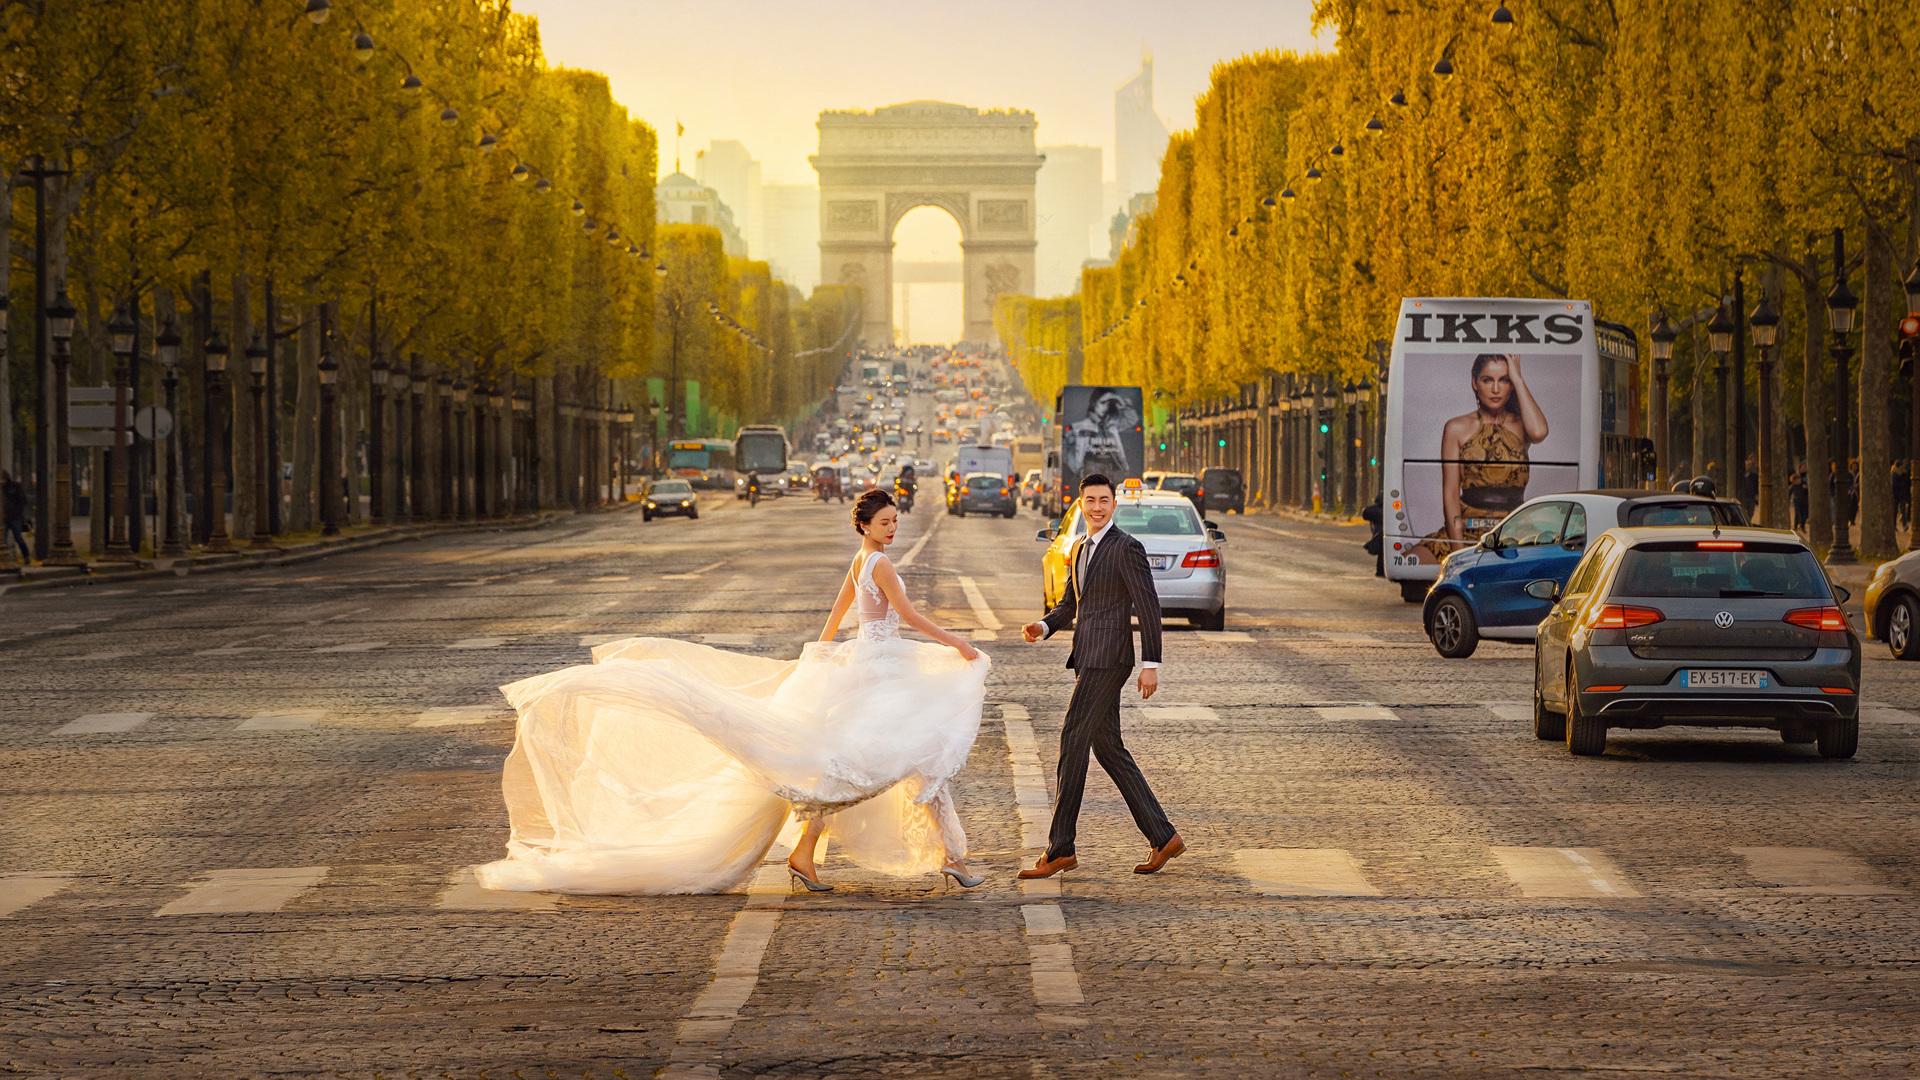 厦门拍婚纱照有哪些景点 厦门旅拍婚纱照几月好